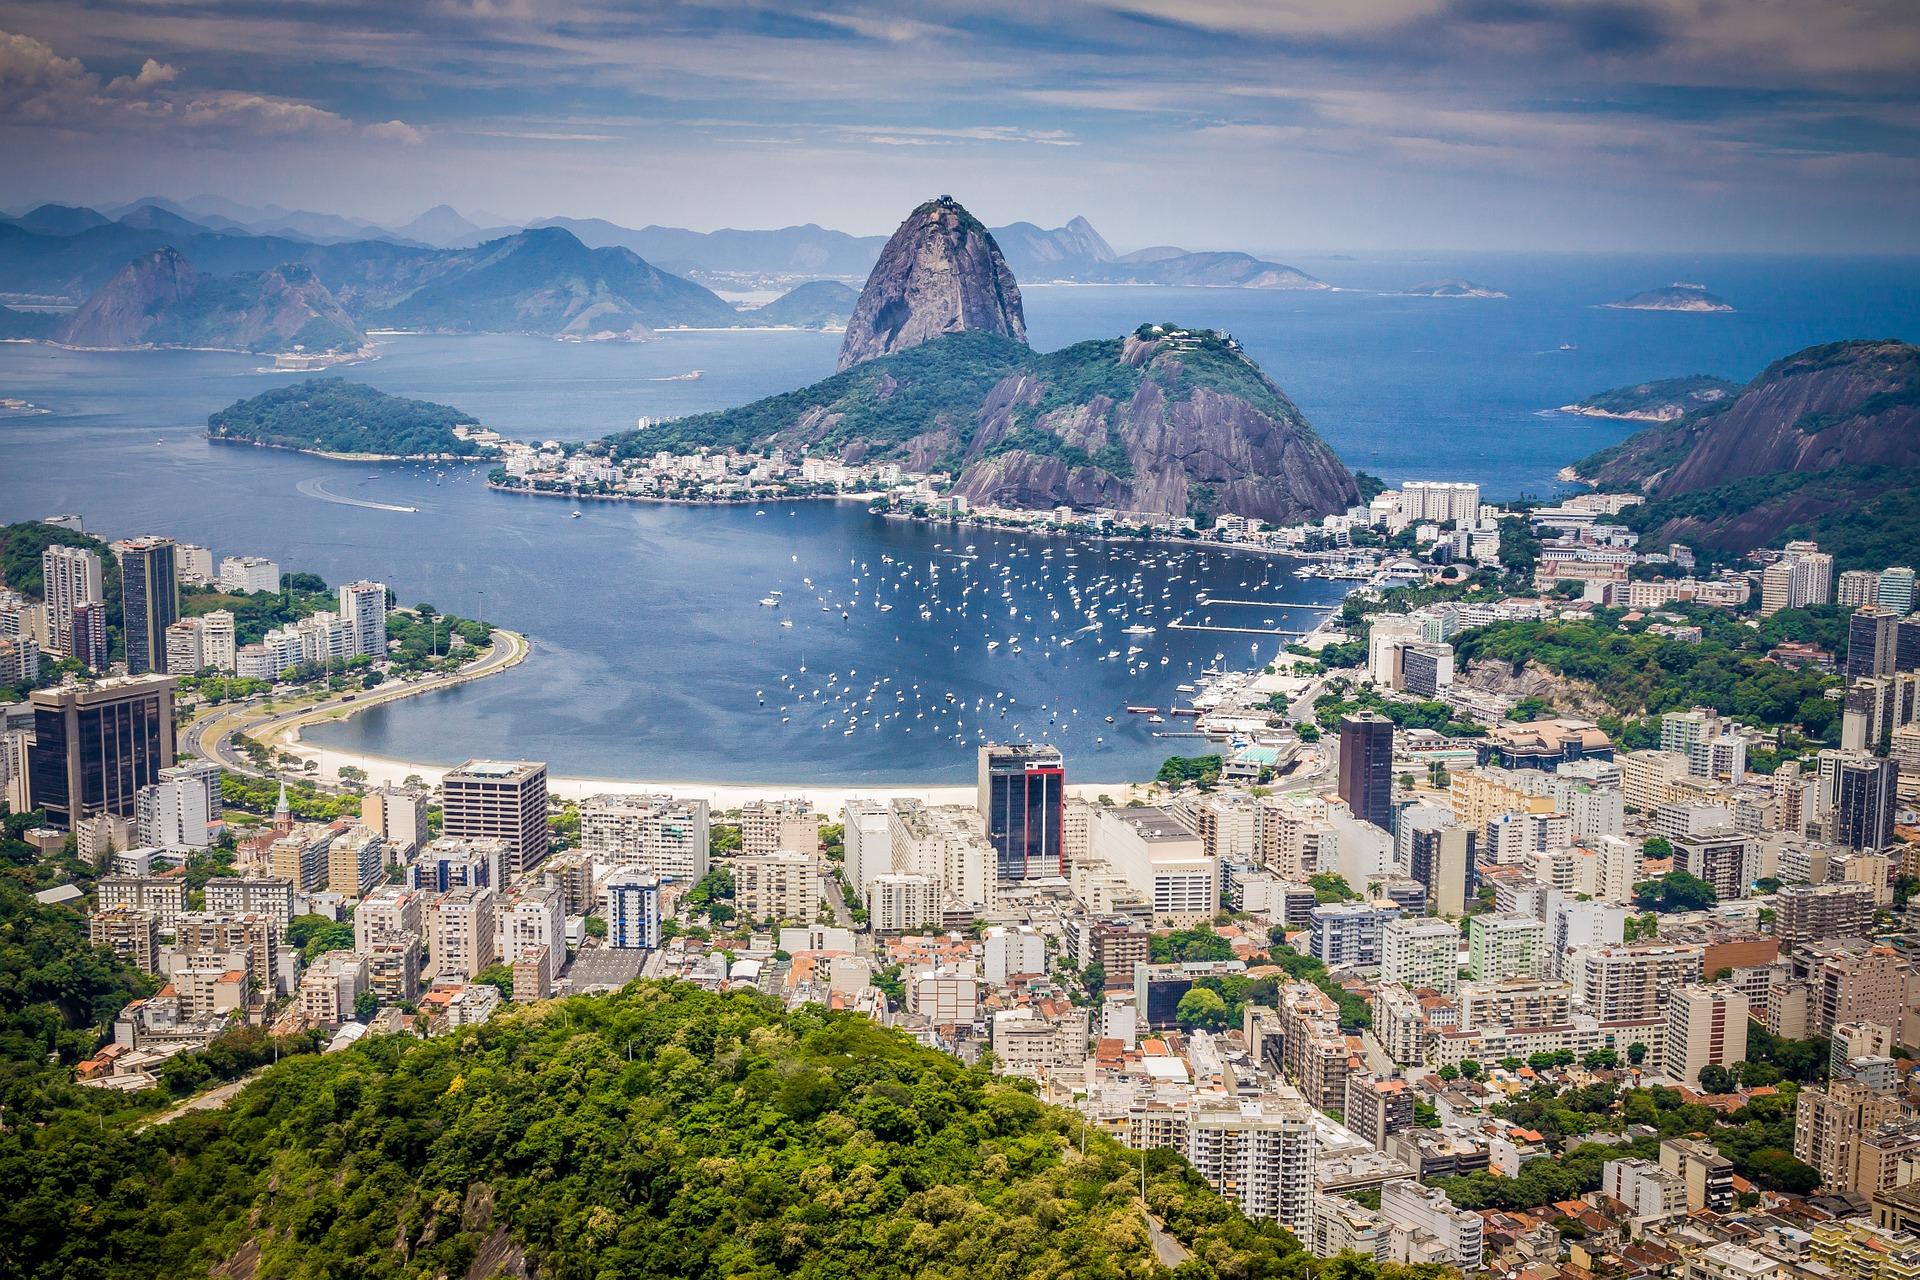 Das cidades brasileiras apontadas pelo estudo, o Rio seria uma das mais afetadas. Foto: Divulgação